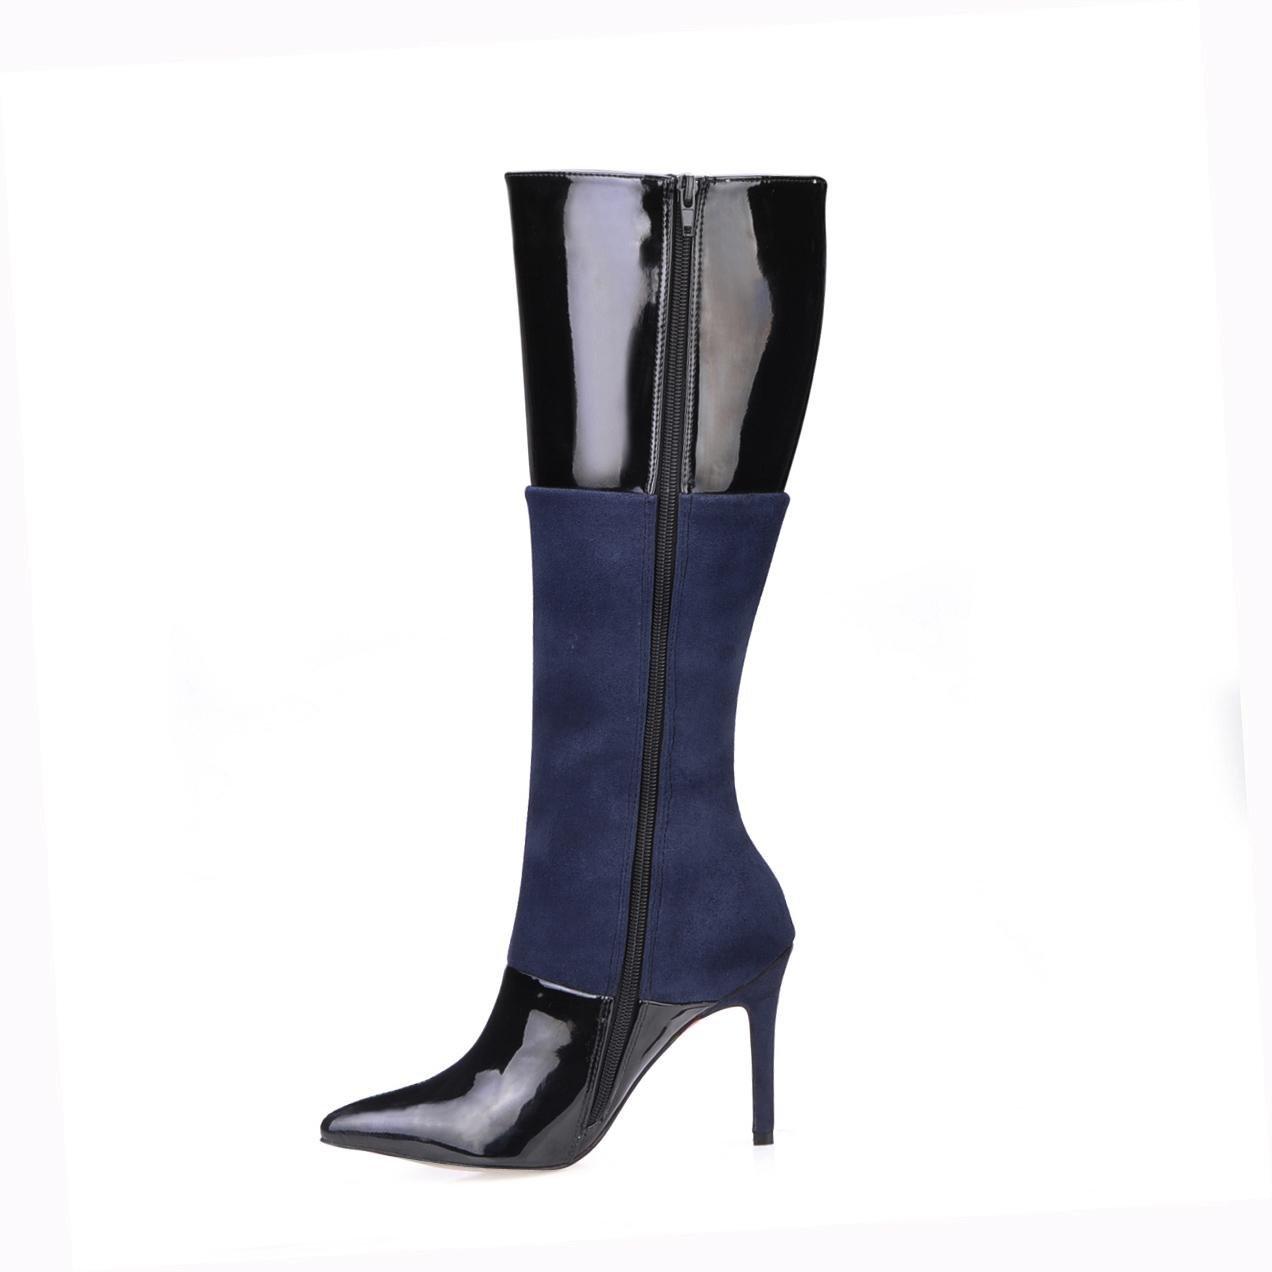 Best 4U® Frauen Hohe Stiefel Lackleder Elastische Samt 9,7 cm High Heels Stiletto Gummisohle Runde Kappe Reißverschluss Herbst Winter Schuhe Schwarz  | Niedriger Preis